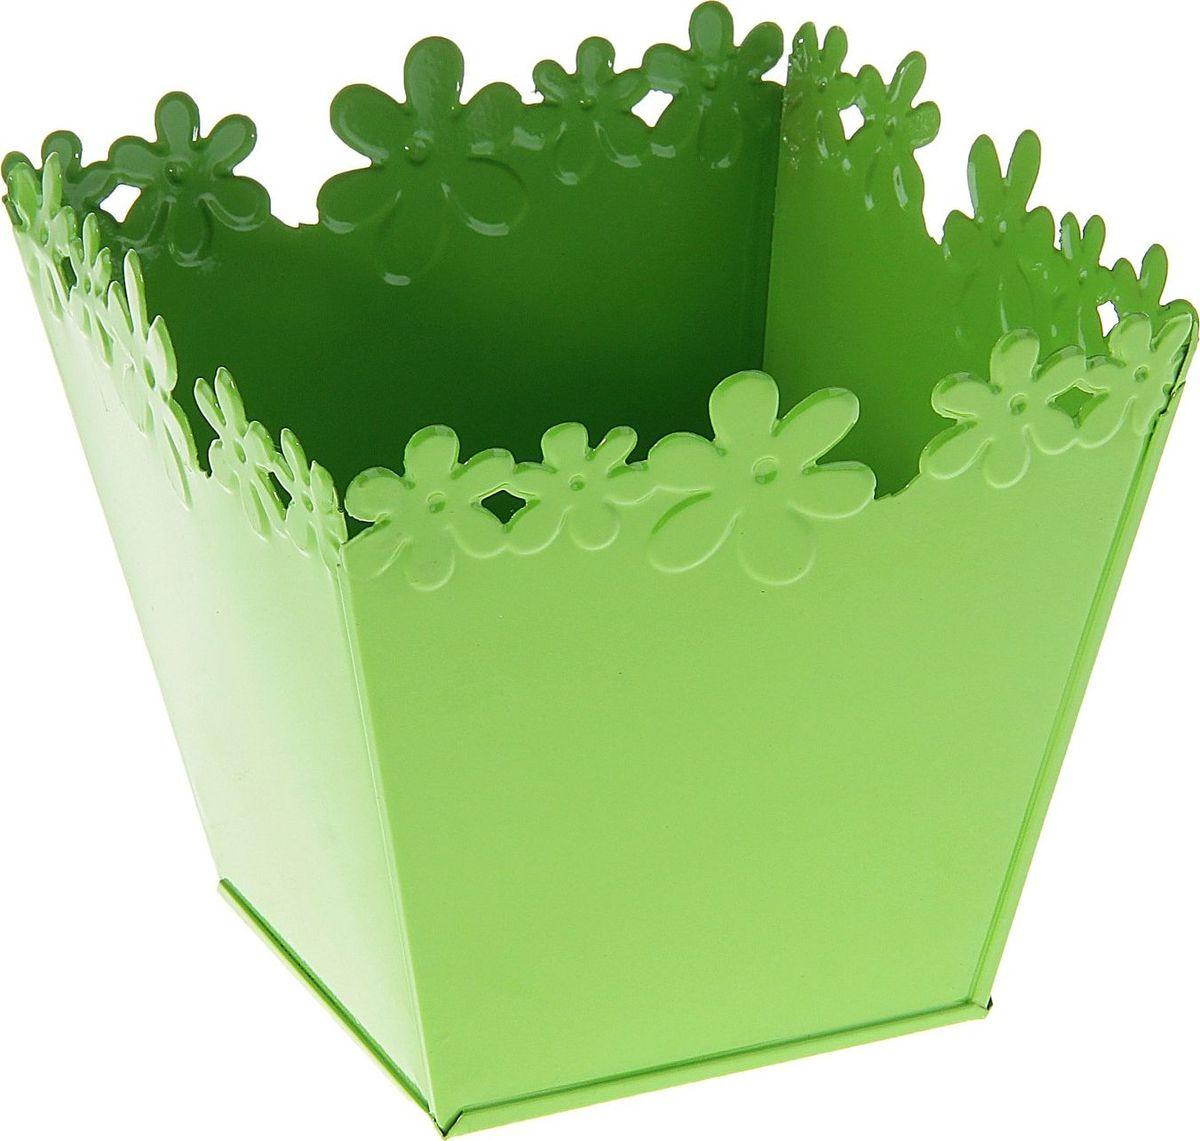 Кашпо Цветочный край. Квадрат, цвет: зеленый, 1-2 л139744Комнатные растения — всеобщие любимцы. Они радуют глаз, насыщают помещение кислородом и украшают пространство. Каждому из растений необходим свой удобный и красивый дом. Металлические декоративные вазы для горшков практичны и долговечны. #name# позаботится о зелёном питомце, освежит интерьер и подчеркнёт его стиль. Особенно выигрышно они смотрятся в экстерьере: на террасах и в беседках. При желании его всегда можно перекрасить в другой цвет.